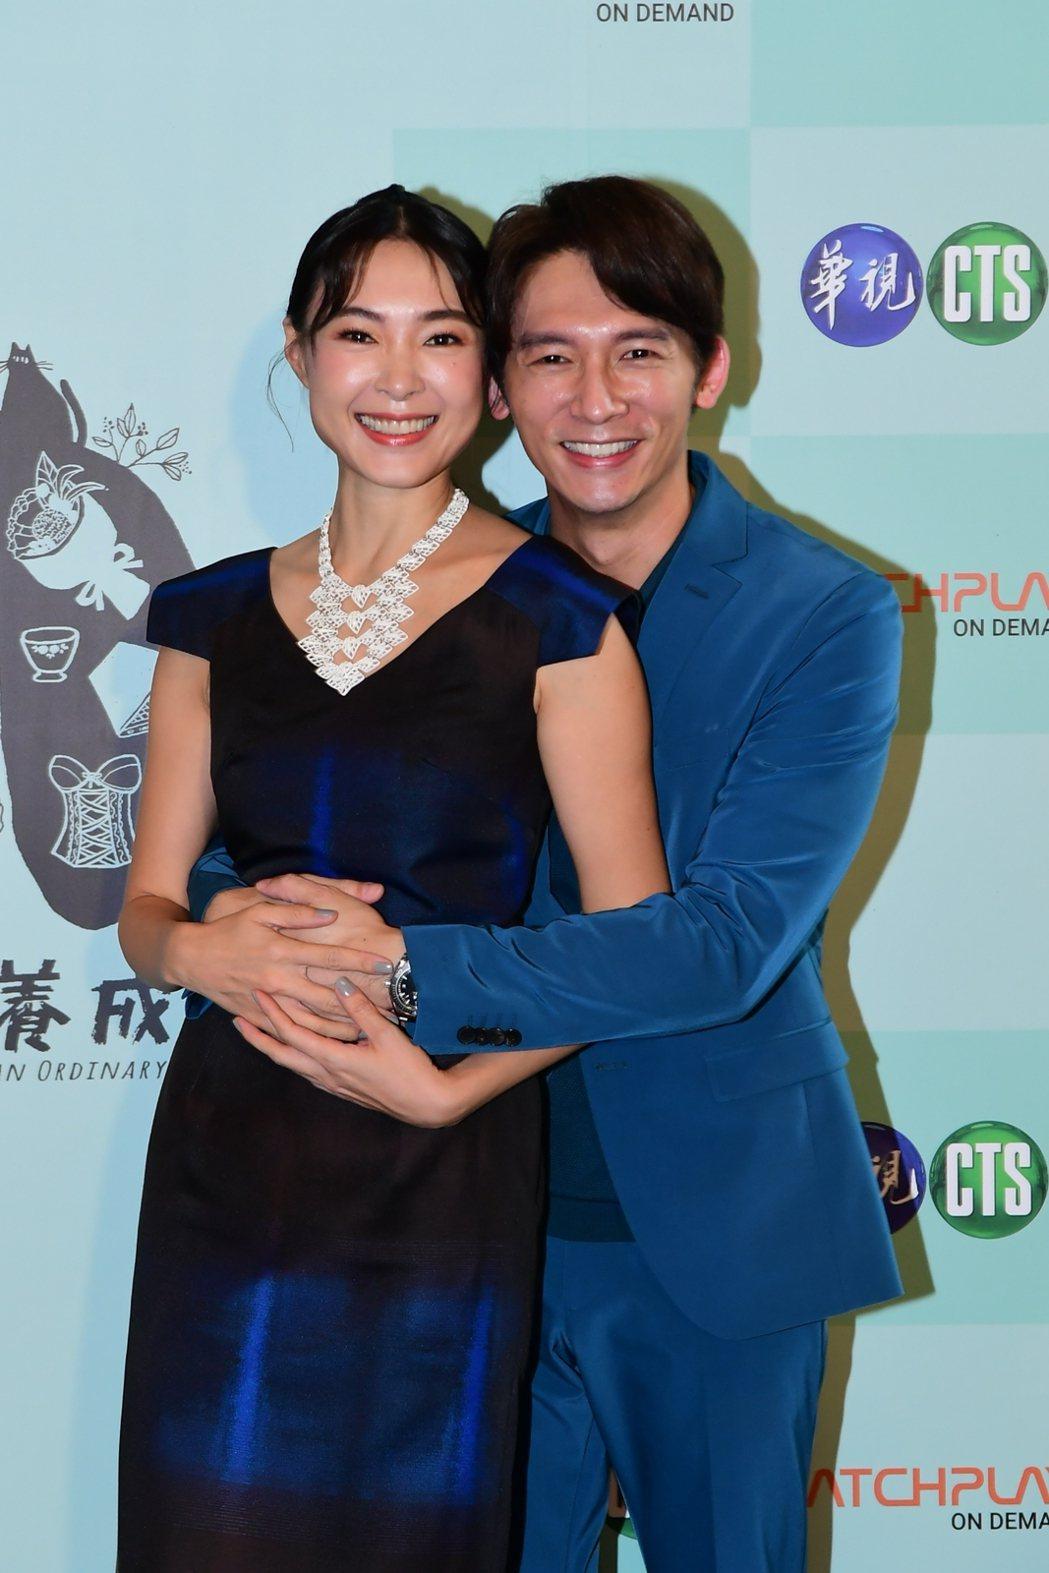 溫昇豪、曾珮瑜一年來已合作3部戲,超級有緣。圖/華視提供